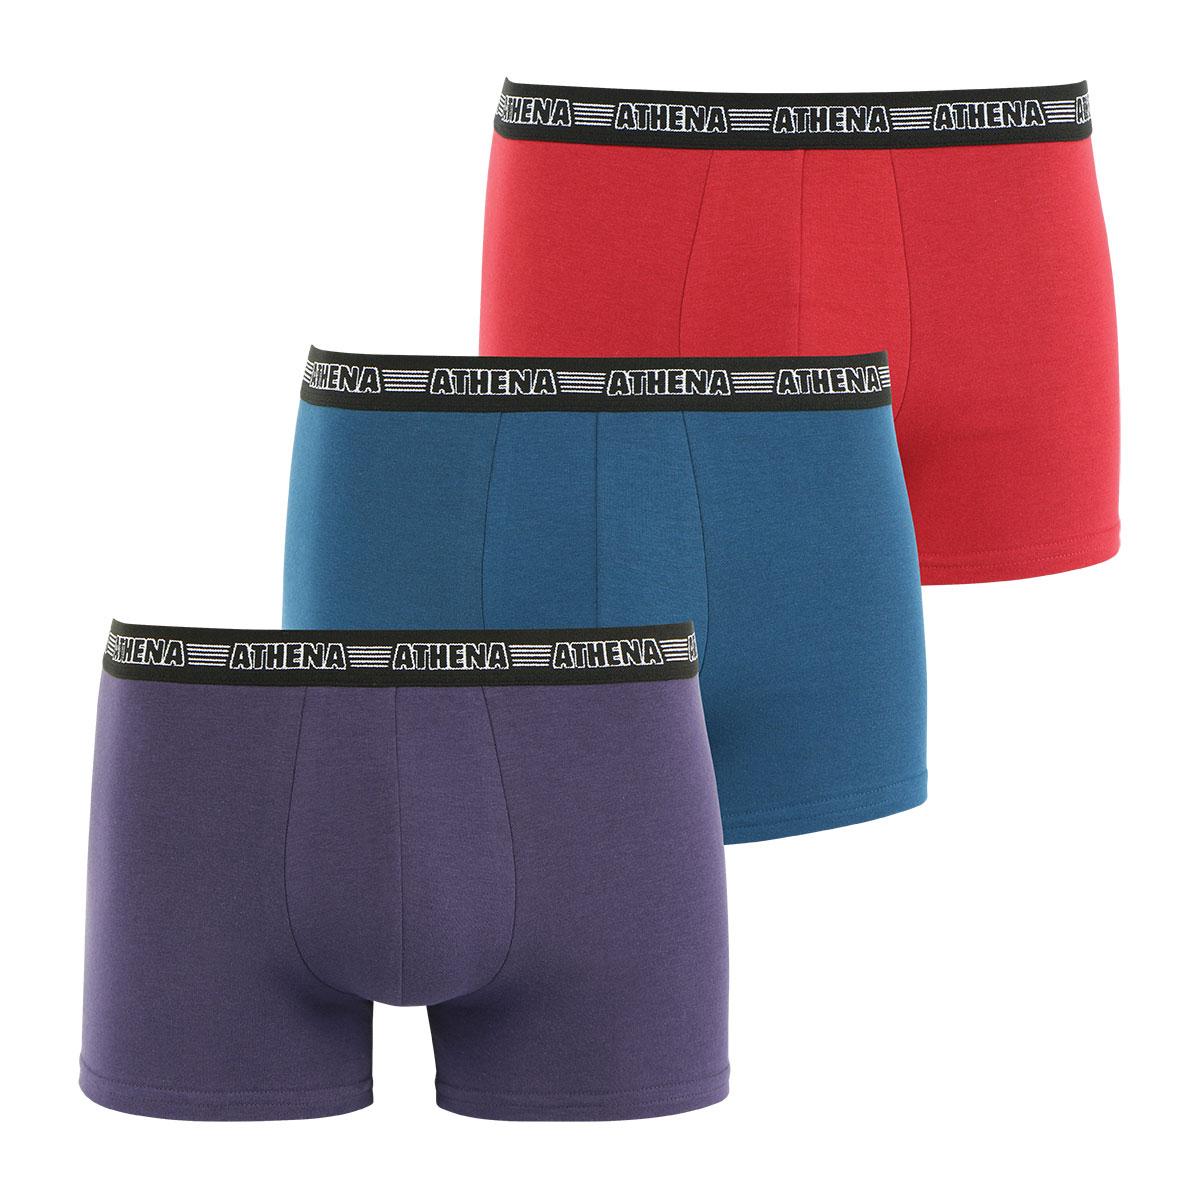 Lot de 3 boxers Basic Stretch homme Athena. Boxers homme X3 ATHENA ECO PACK en coton extensible    Les  boxers  de la gamme ECO PACK ATHENA sont  des